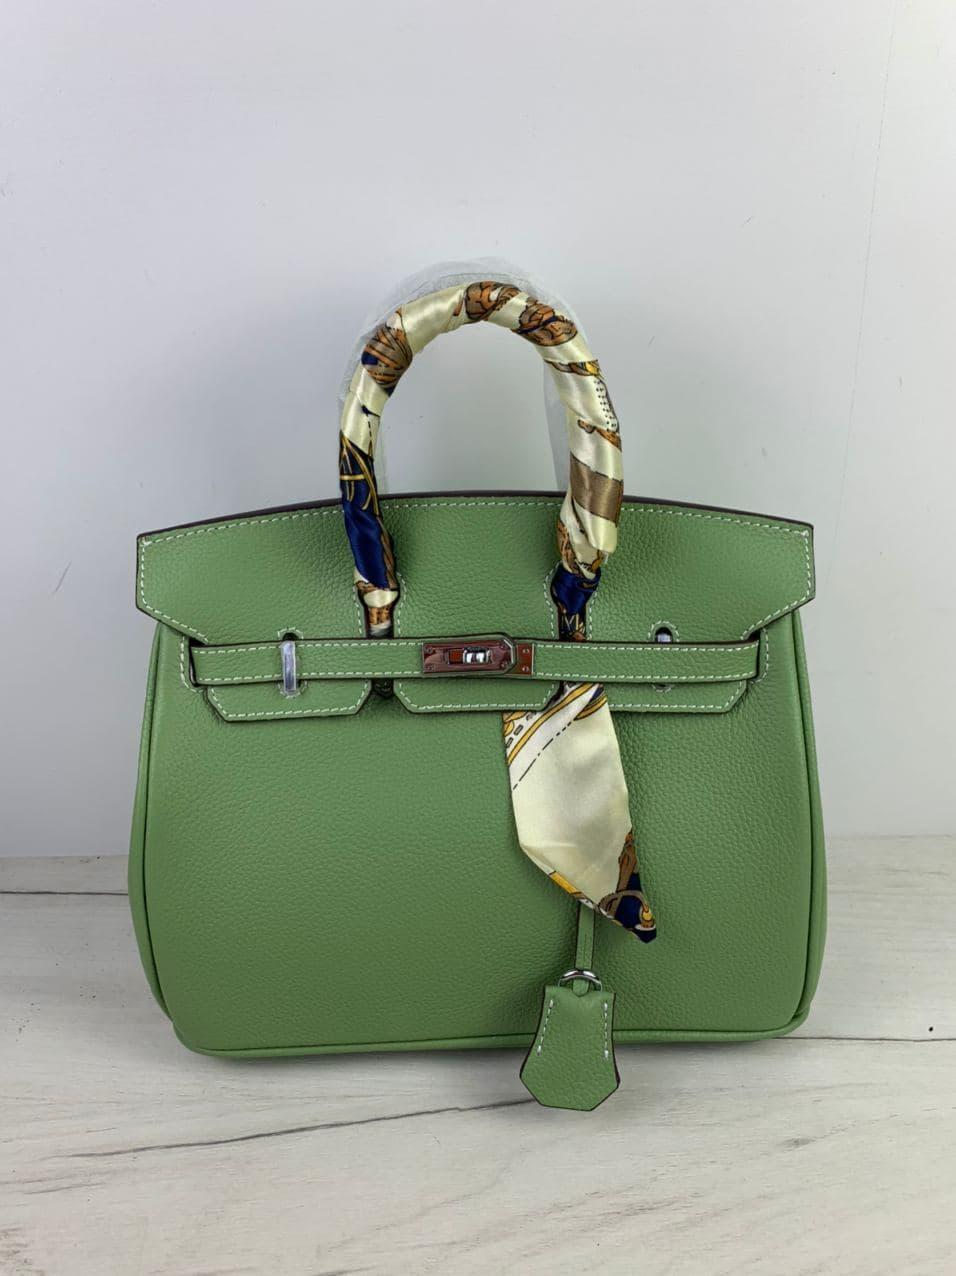 Сумка в стиле Хермес Биркин 25см / серебристая фурнитура  / натуральная кожа (835-25) Зеленый